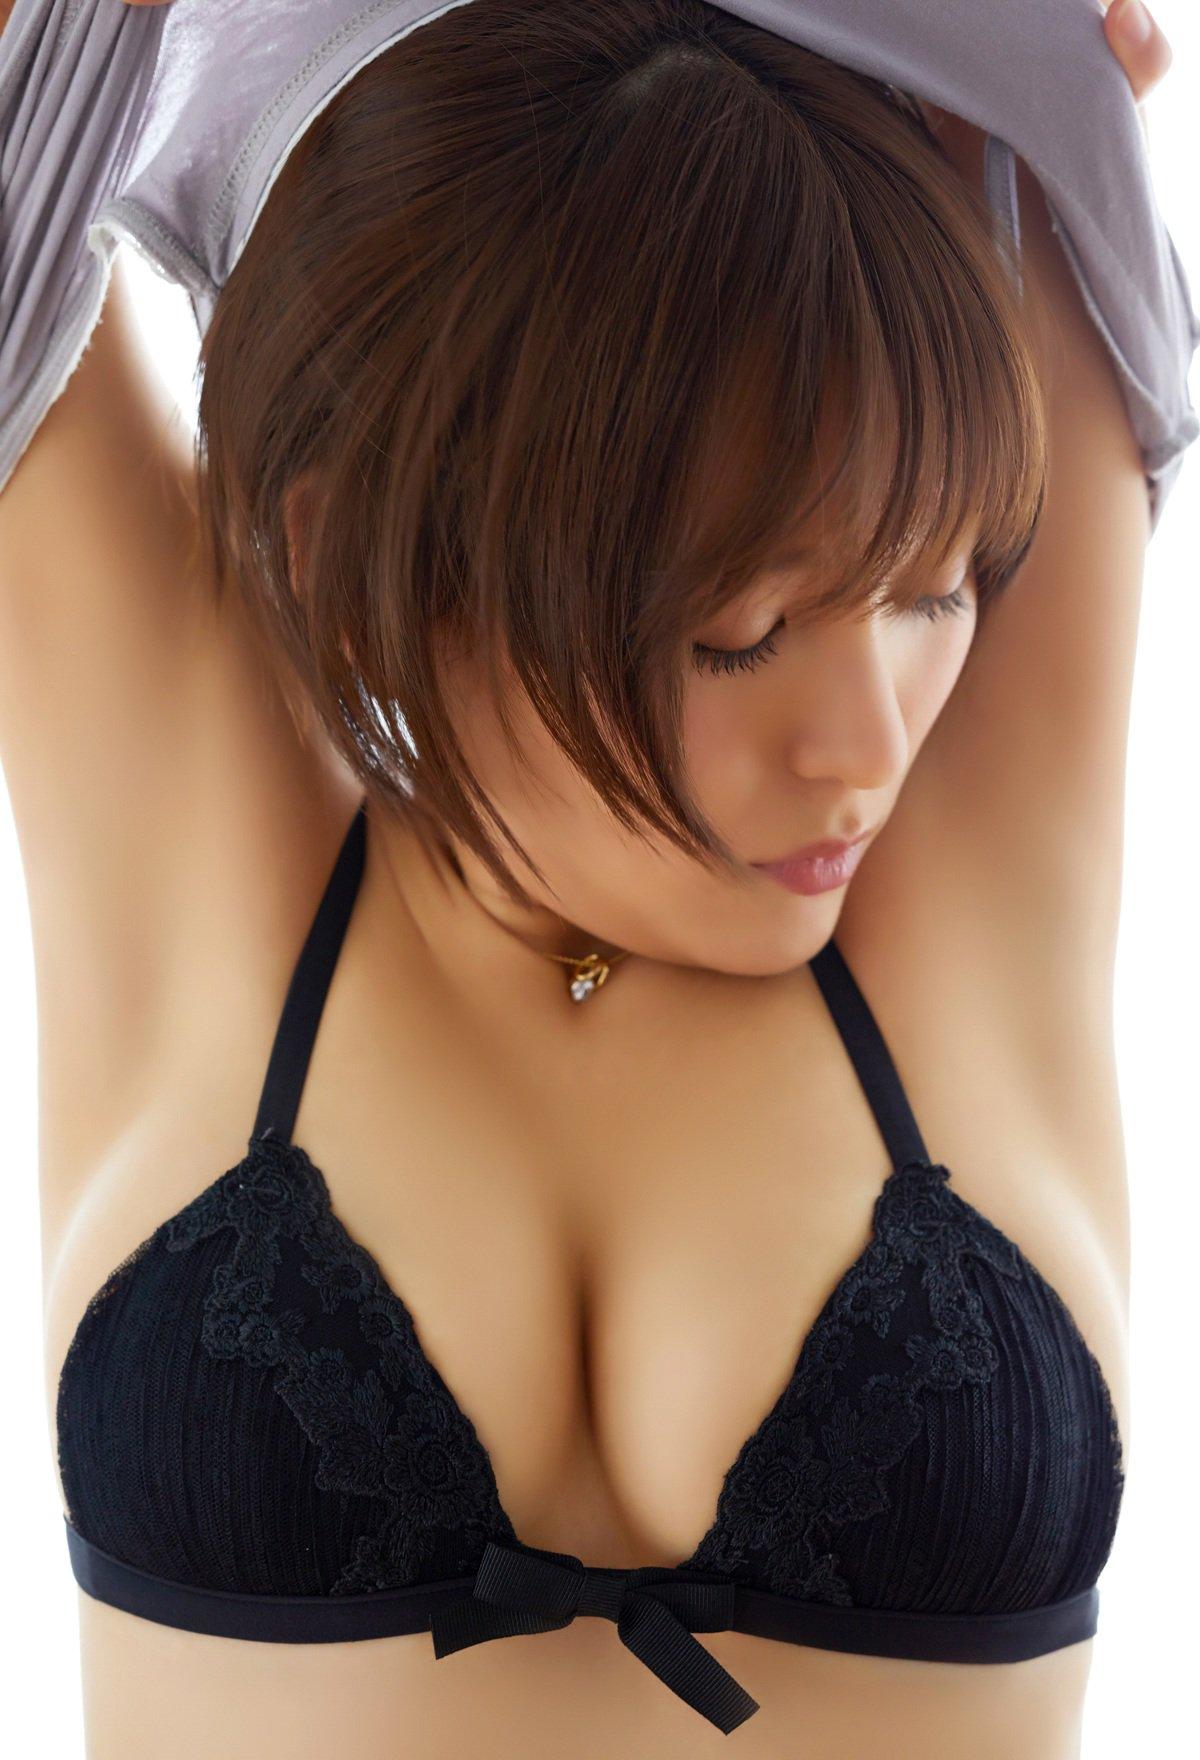 image http://scanlover.com/assets/images/47-hy5wjNasF03Mb7hj.jpeg